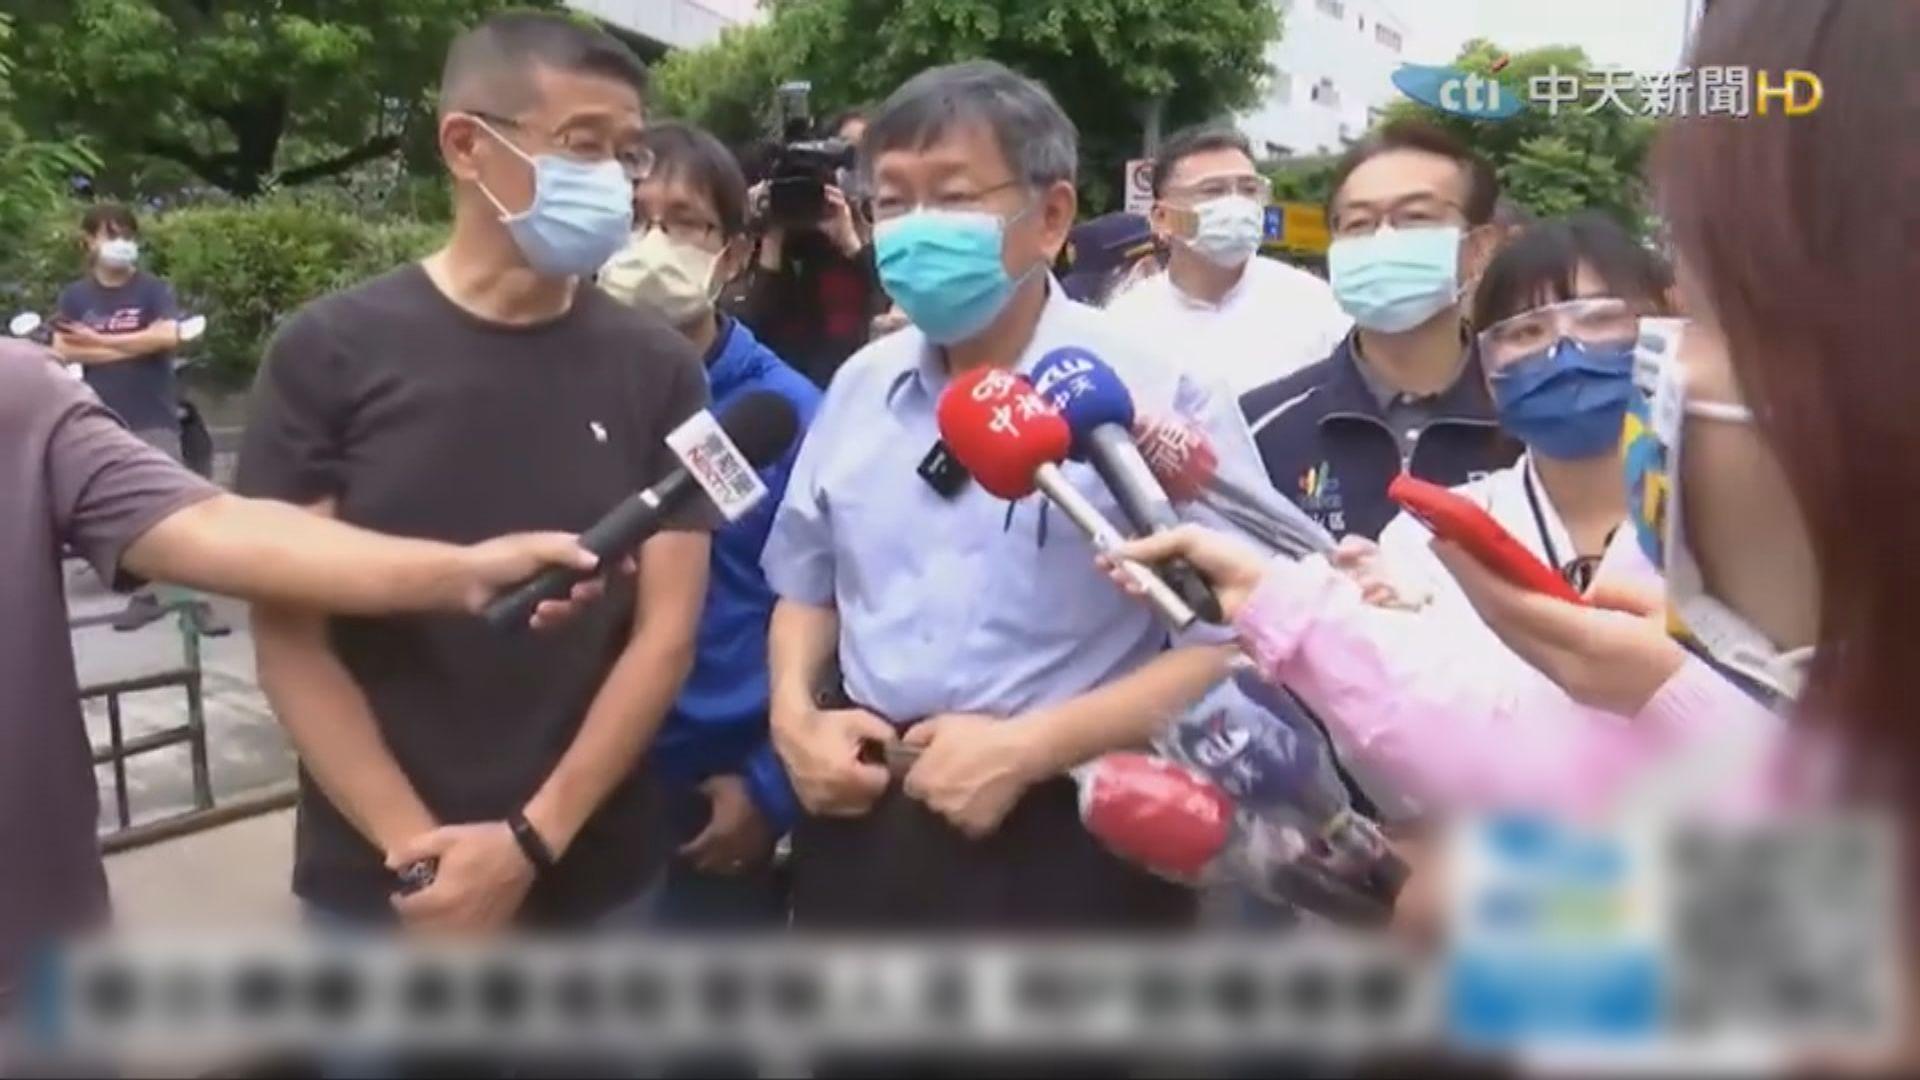 台灣再增逾340宗確診 台北派警員管制市場人流